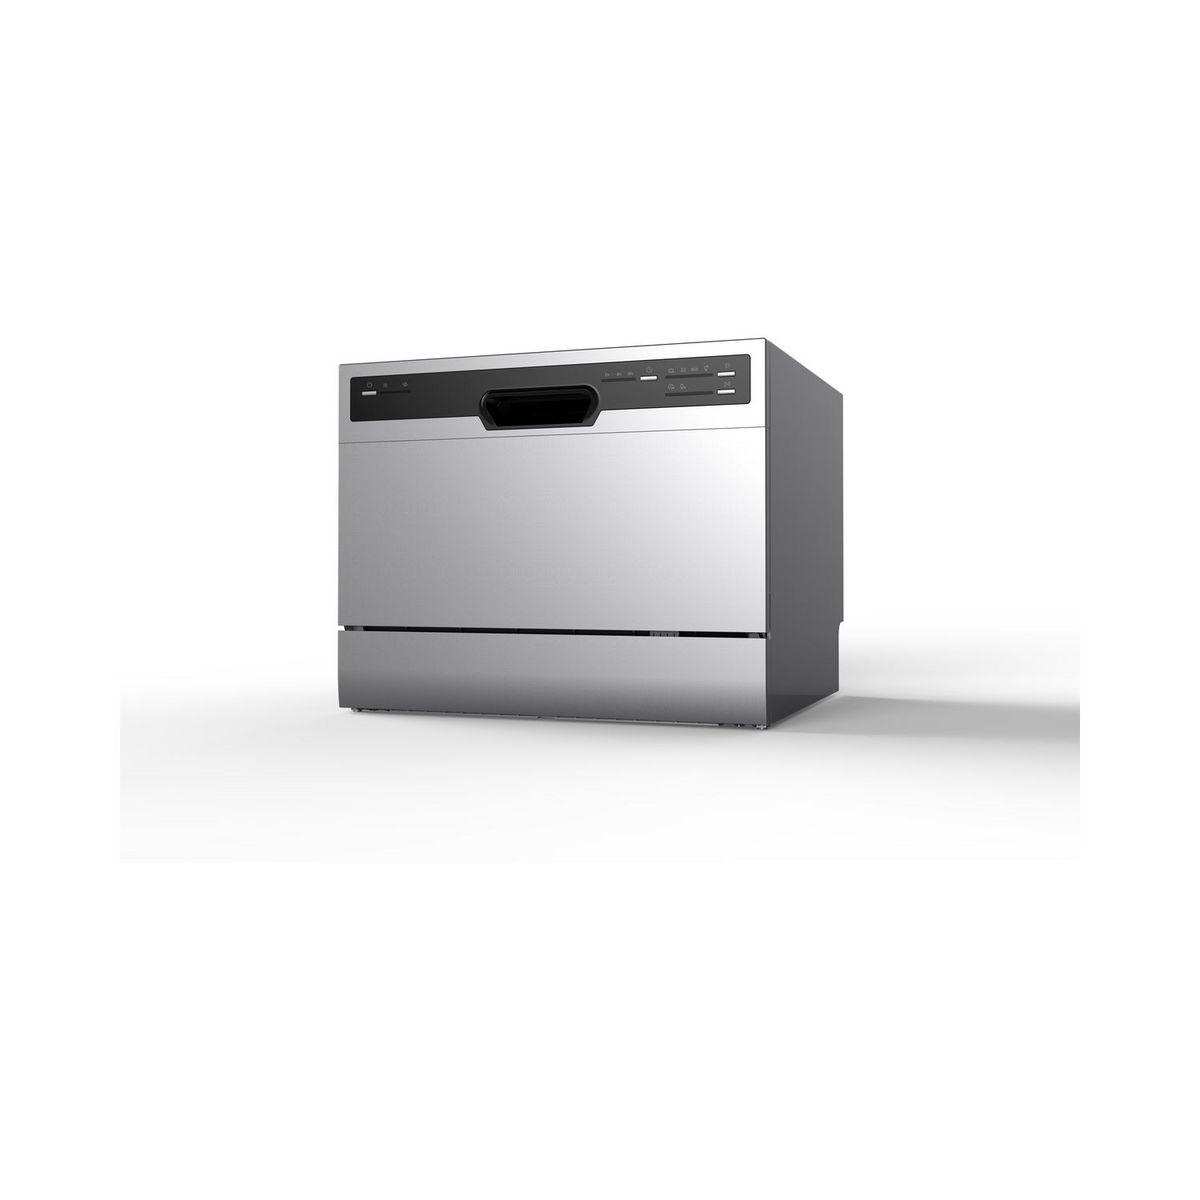 Lave vaisselle pose libre 145107, 6 couverts, 55 cm, 49 d, 6 programmes